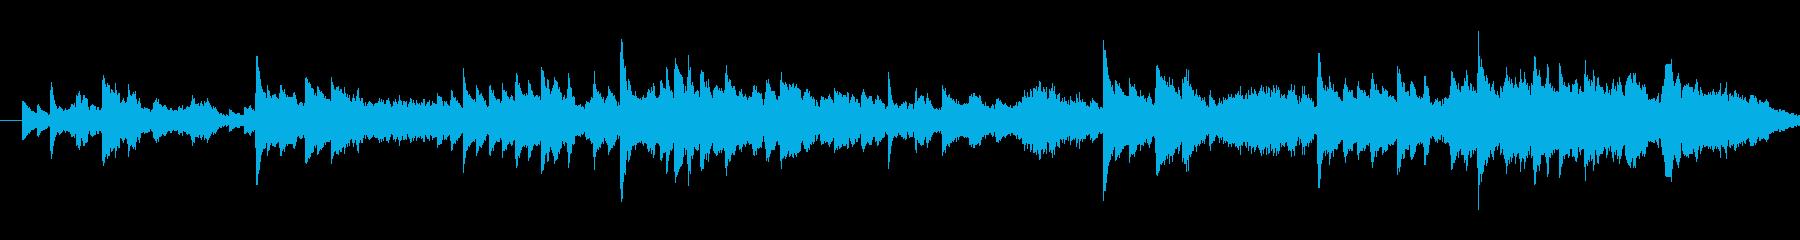 美しいい旋律のしっとりしたピアノの曲の再生済みの波形